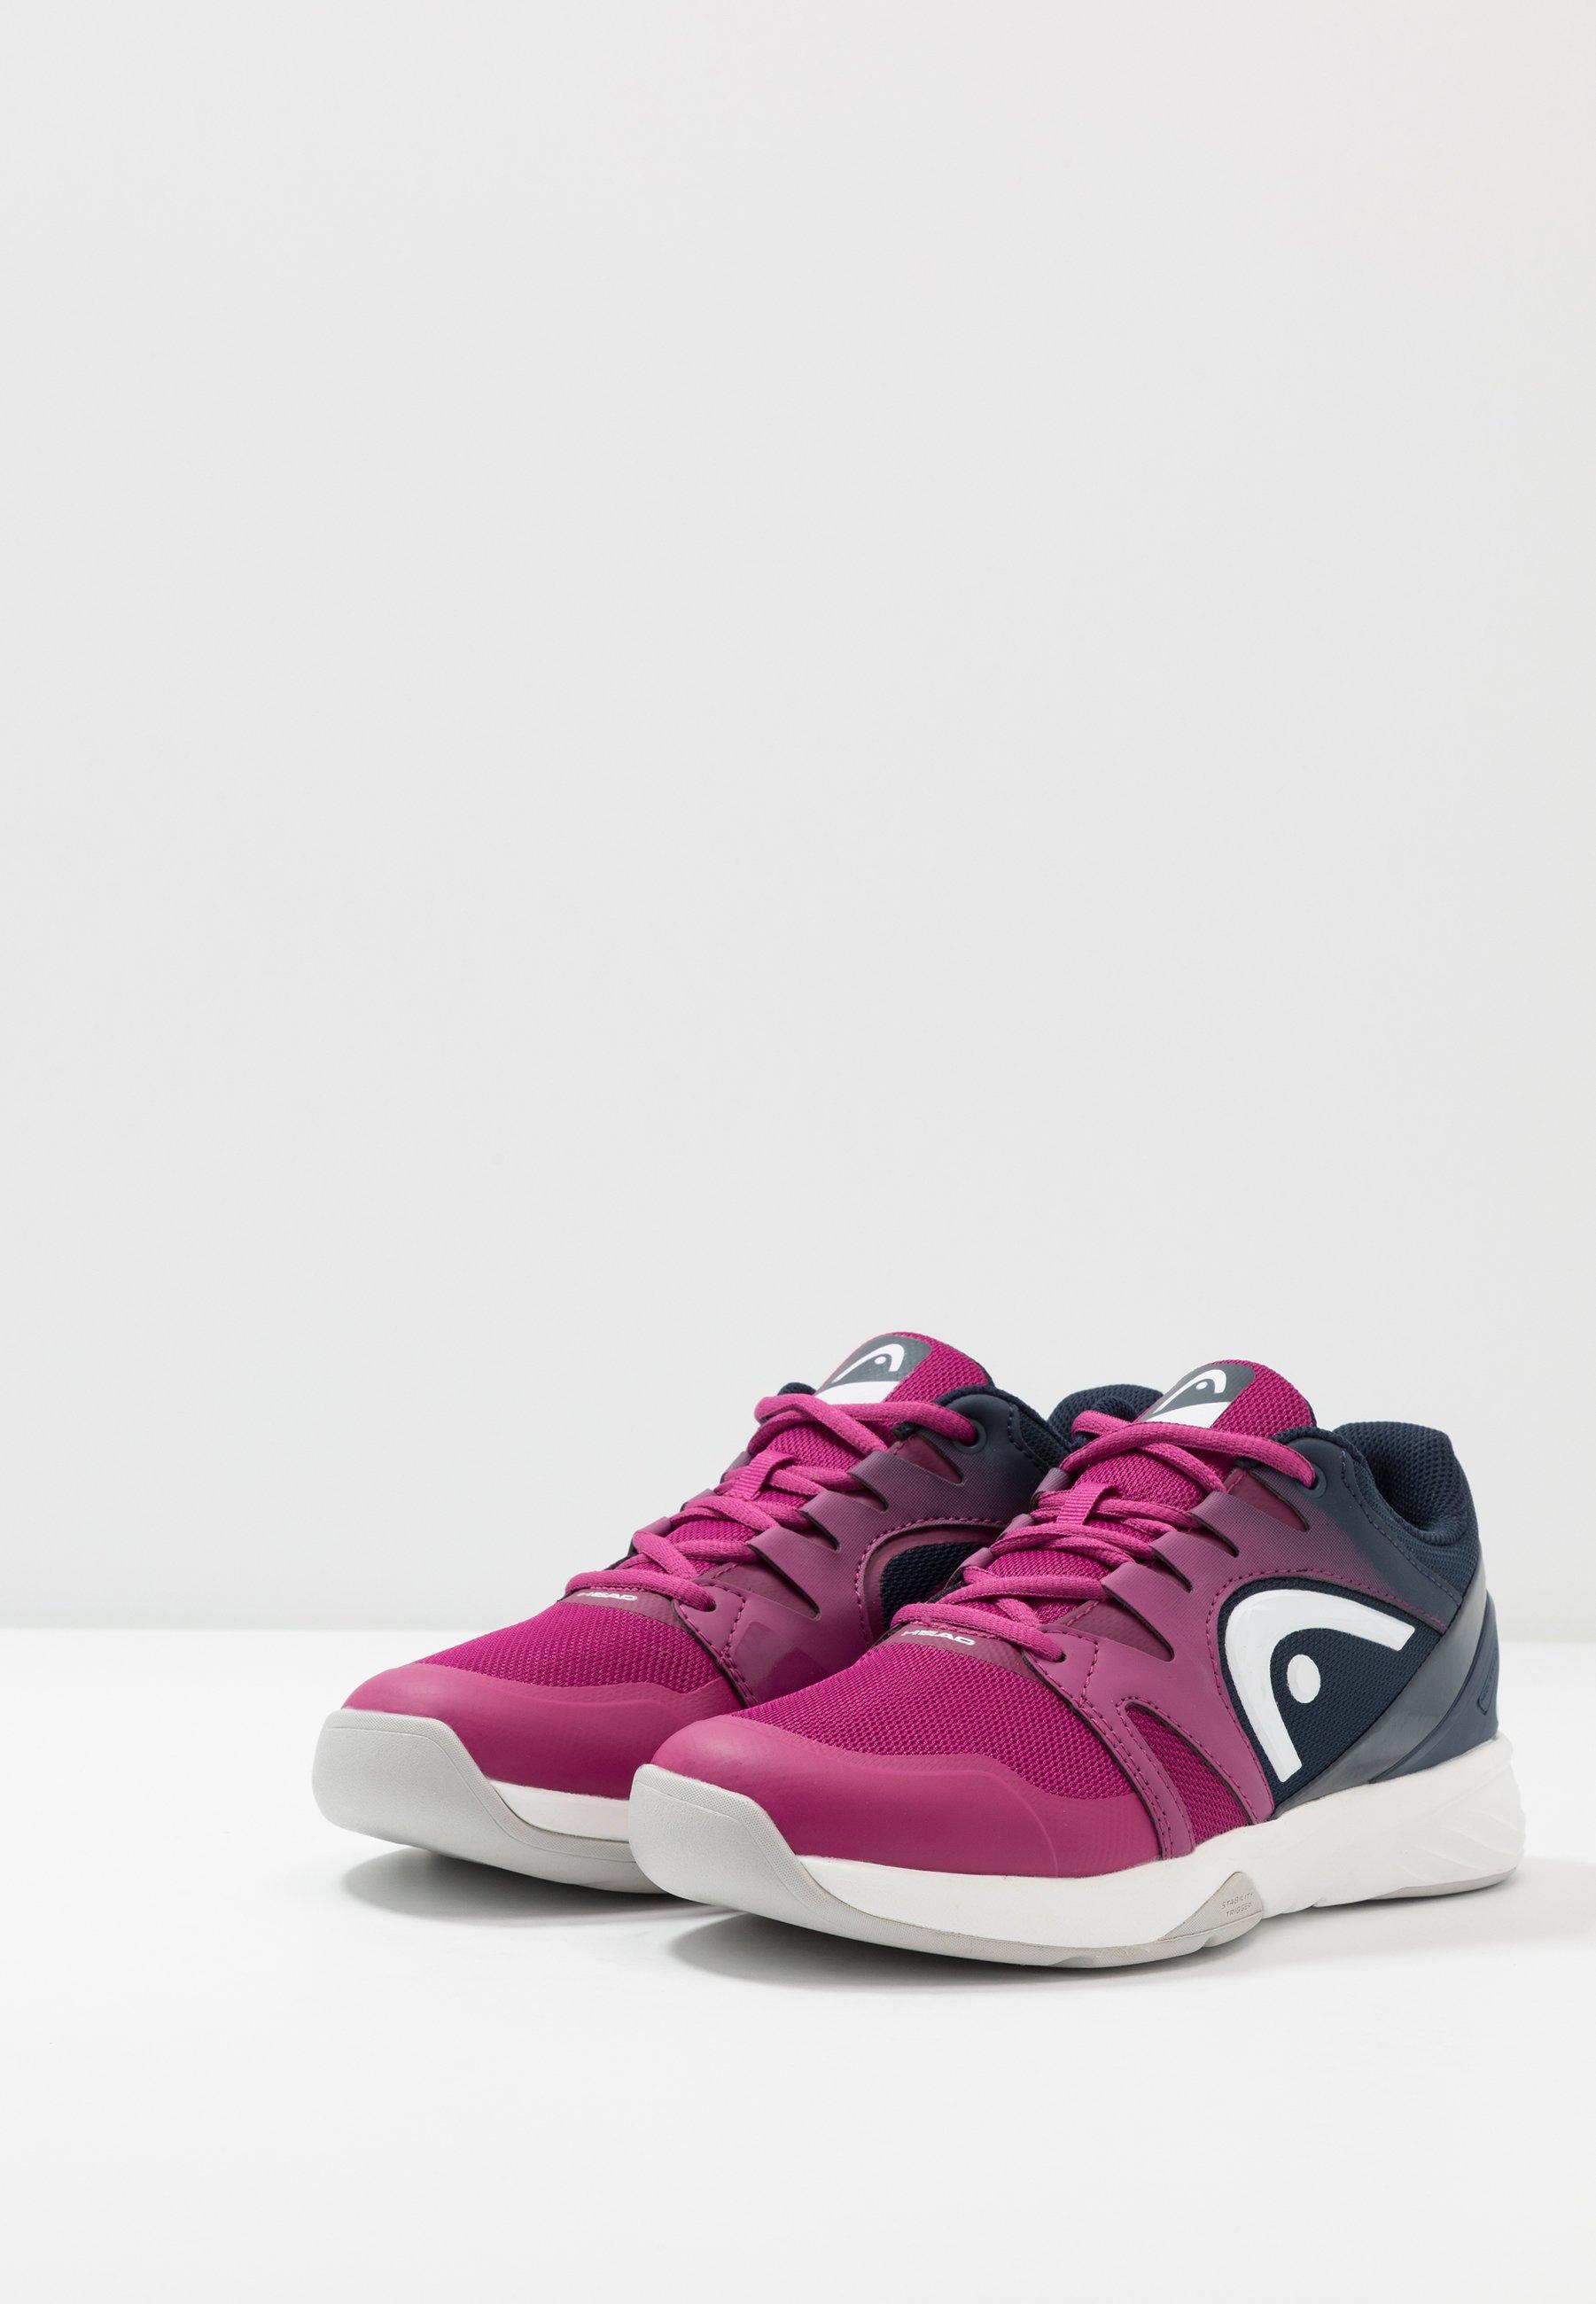 Recommend Cheap Women's Shoes Head SPRINT 2.5 CARPET WOMEN Carpet court tennis shoes plum zRSJOlZhC